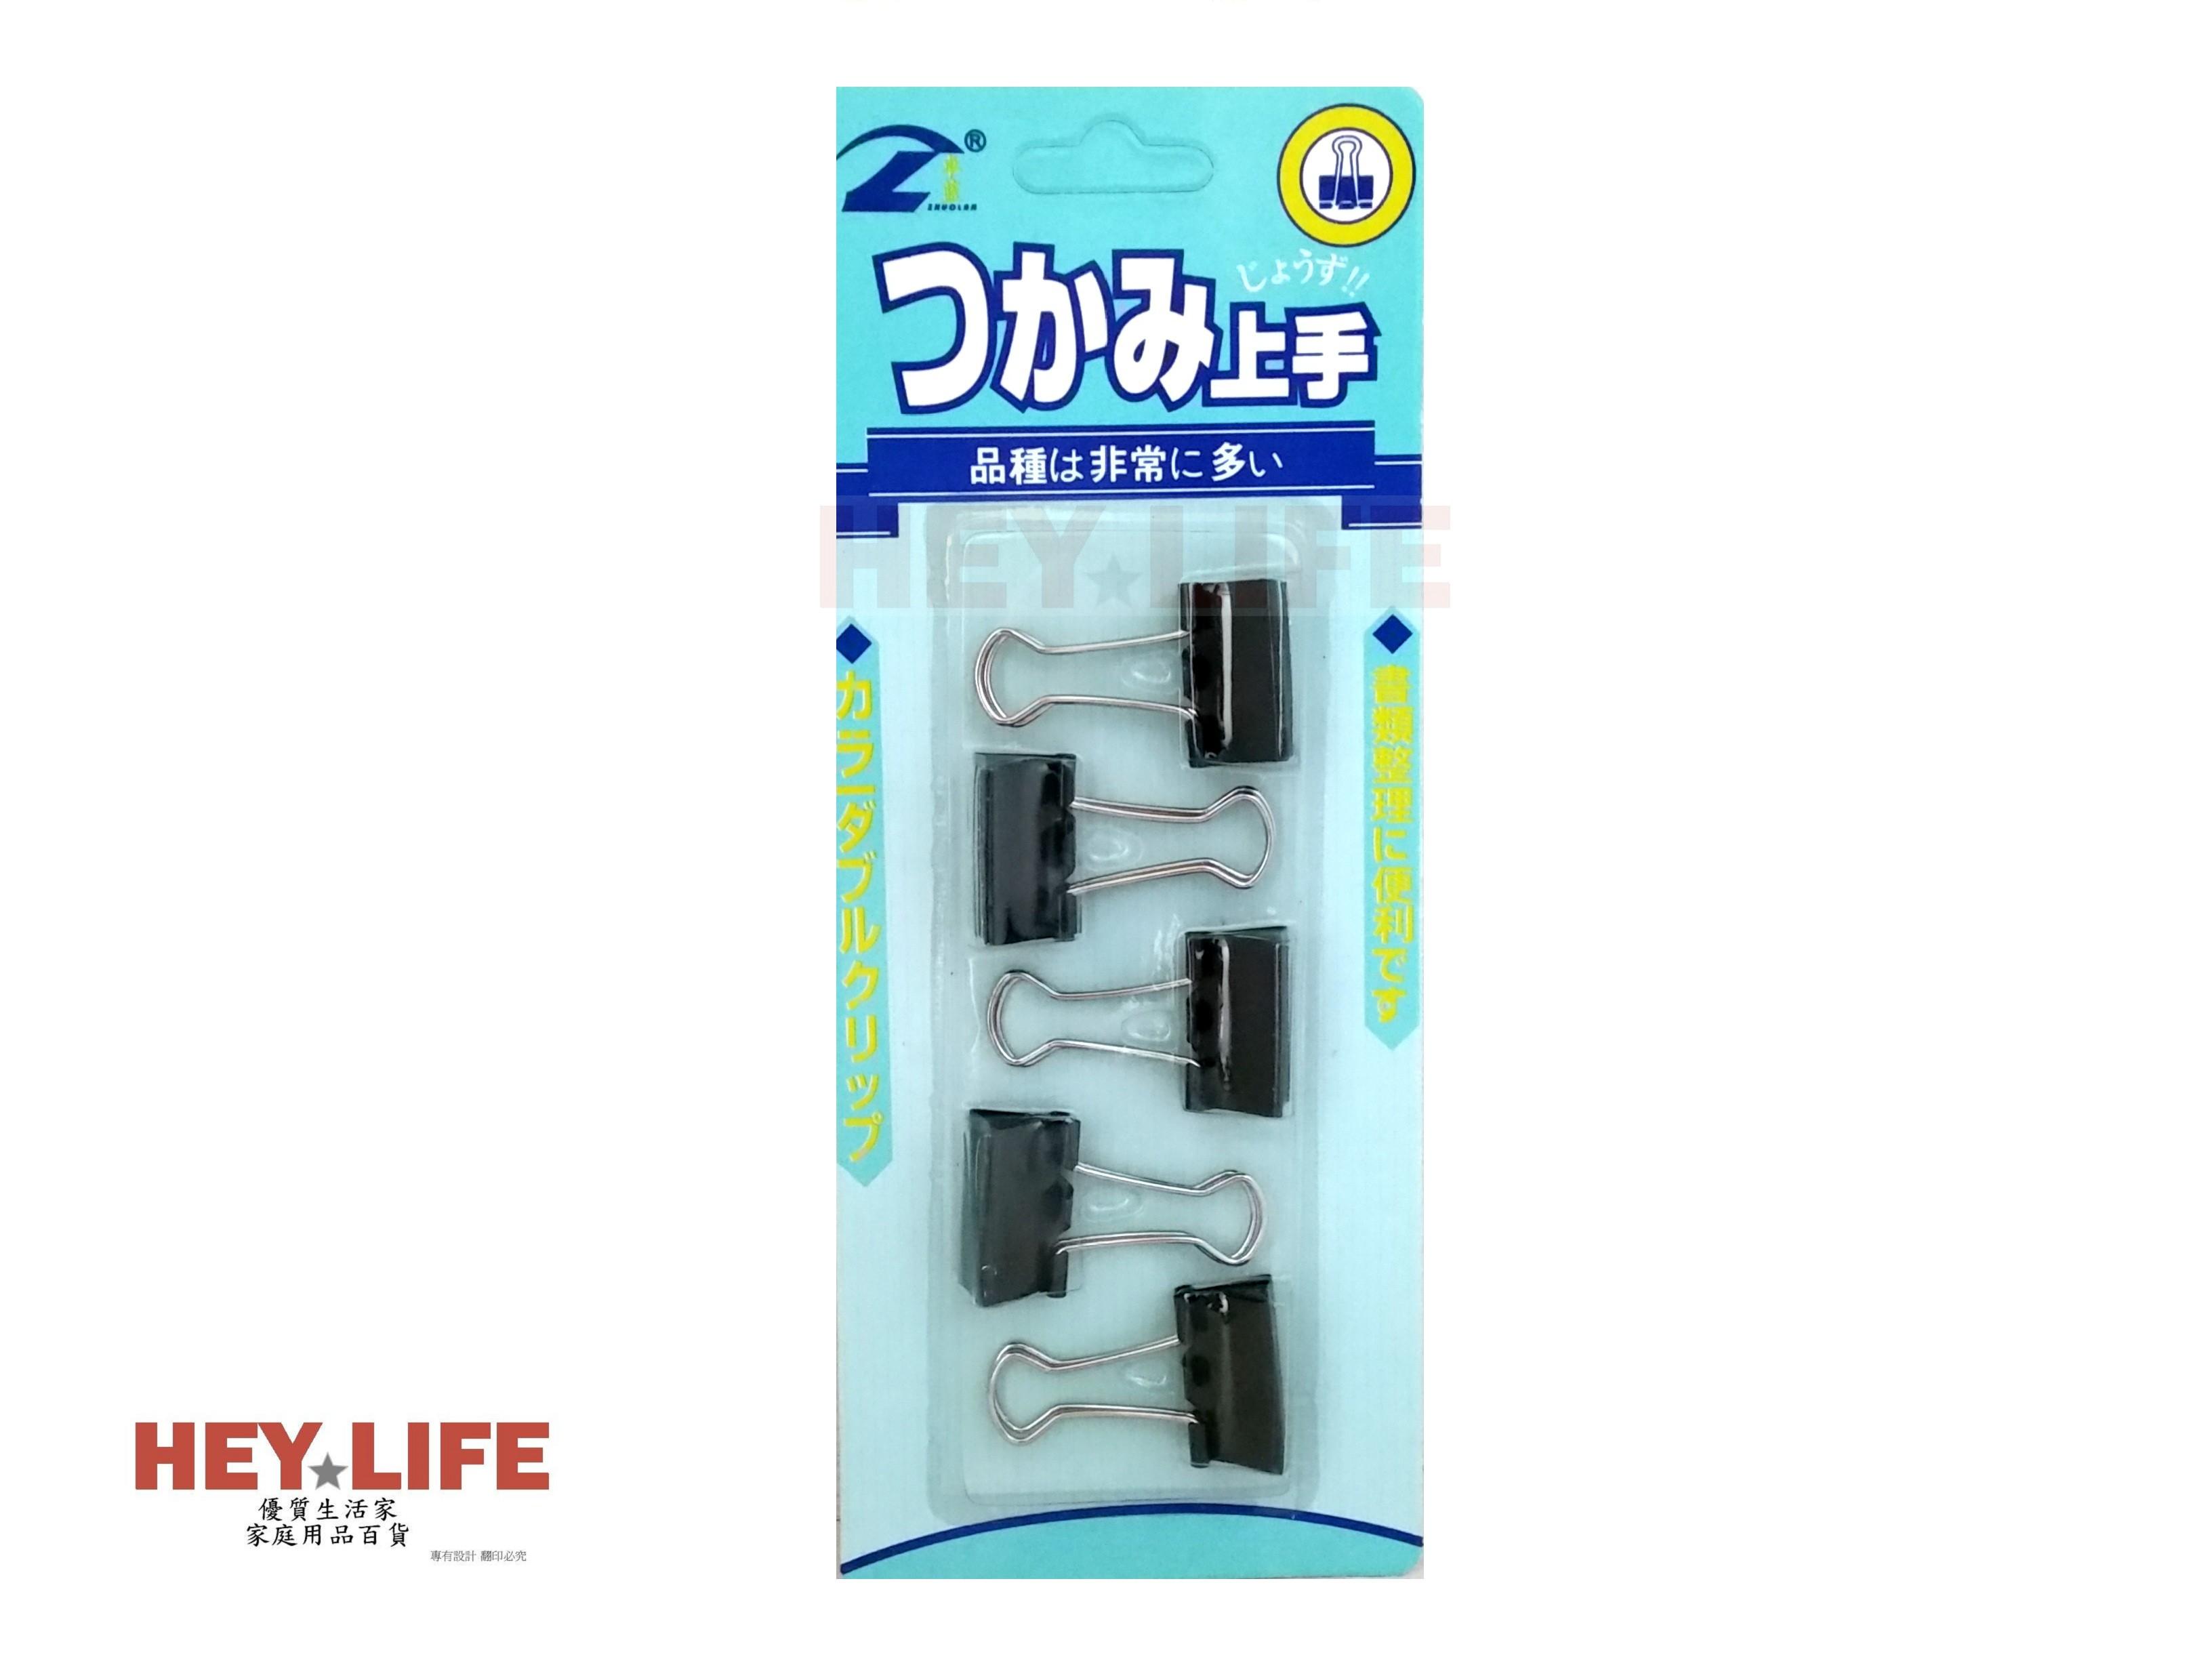 【HEYLIFE優質生活家】長尾夾(黑色)5入 24mm 文具夾 夾 優質嚴選 品質保證